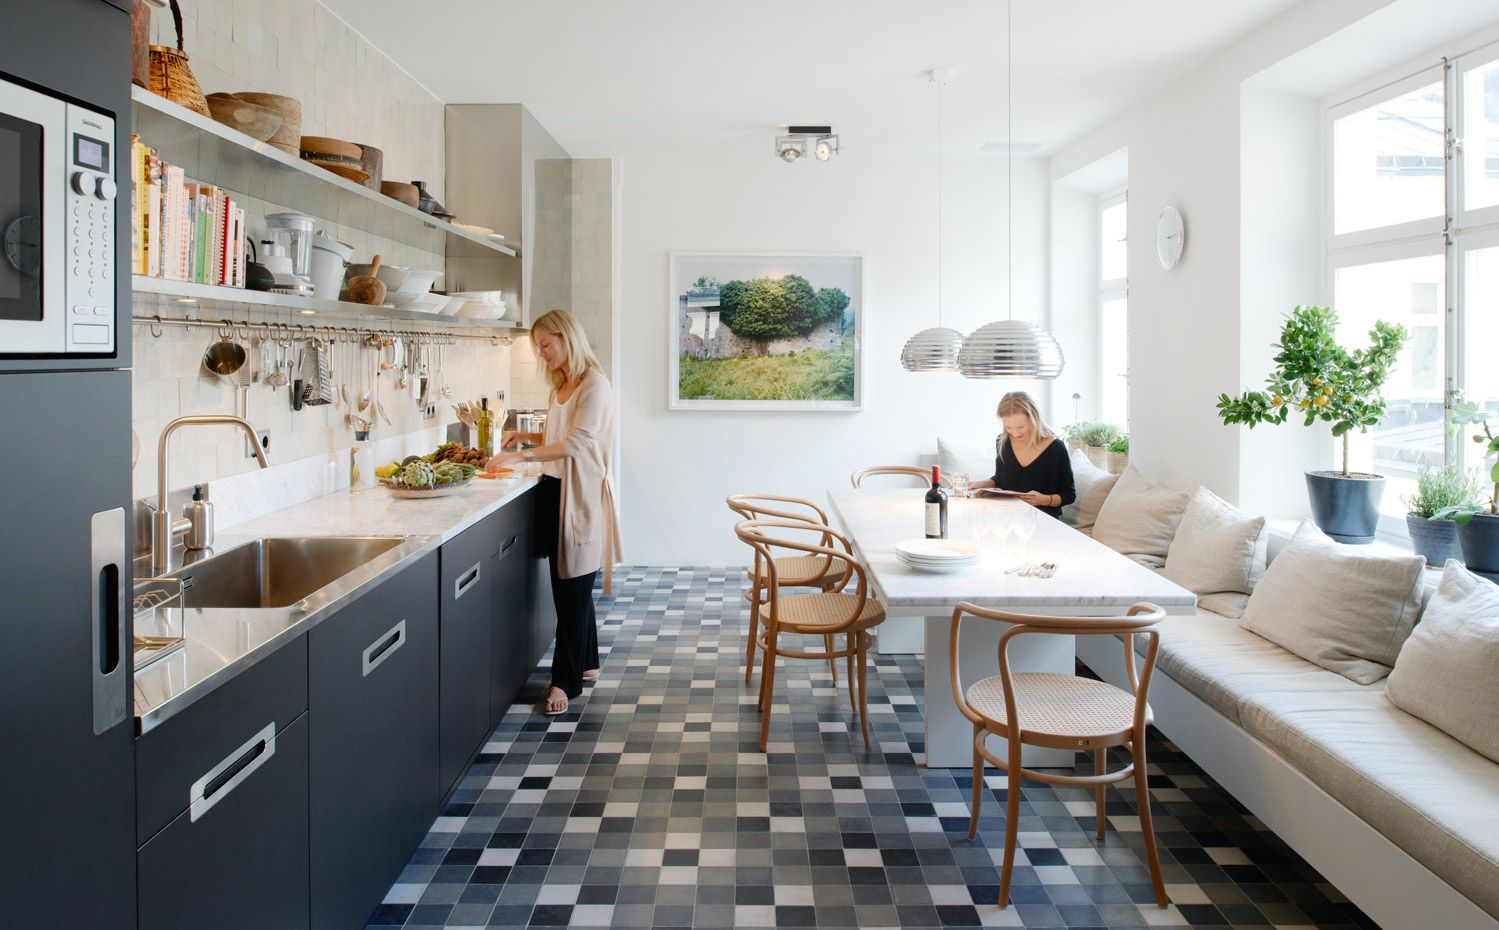 En la cocina, mostrador de mármol de Carrara y acero inoxidable. Las ...